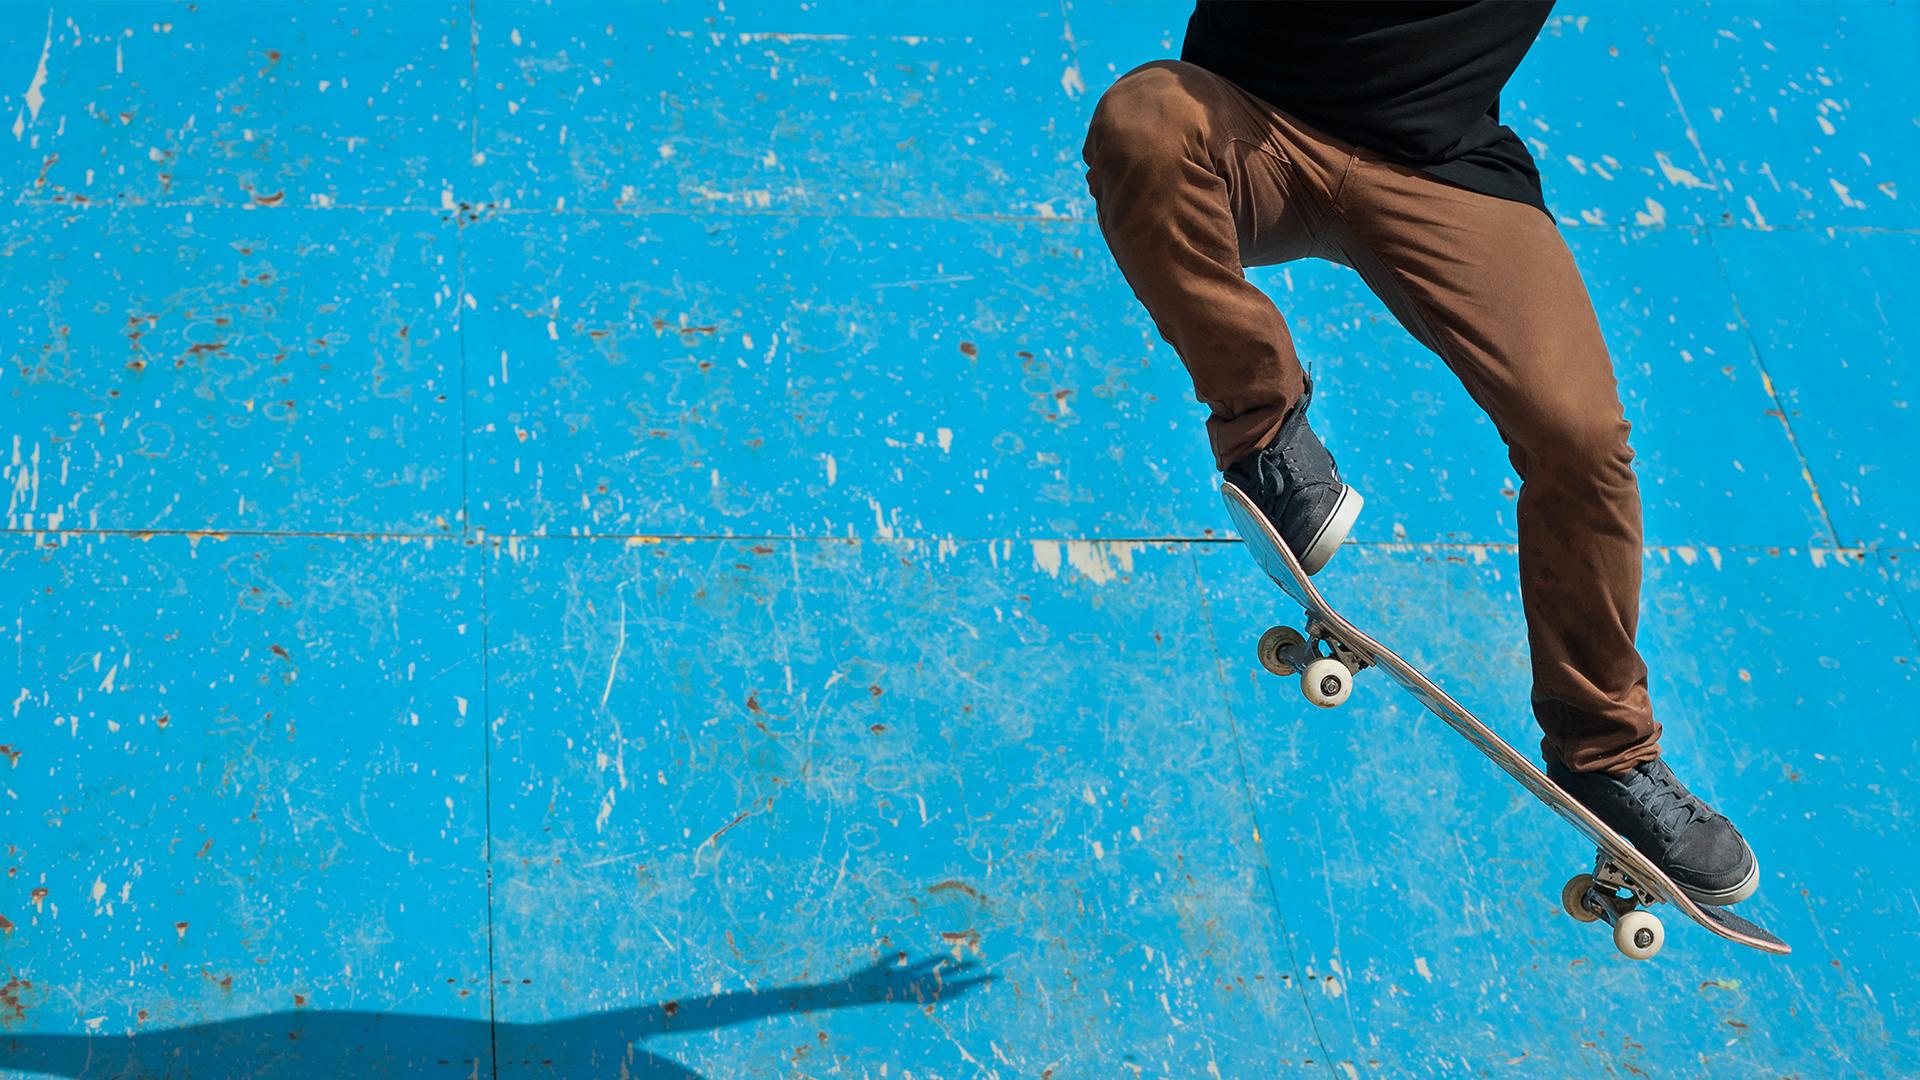 เท่ๆ คูลๆ ยุคนี้ต้อง Surf Skate